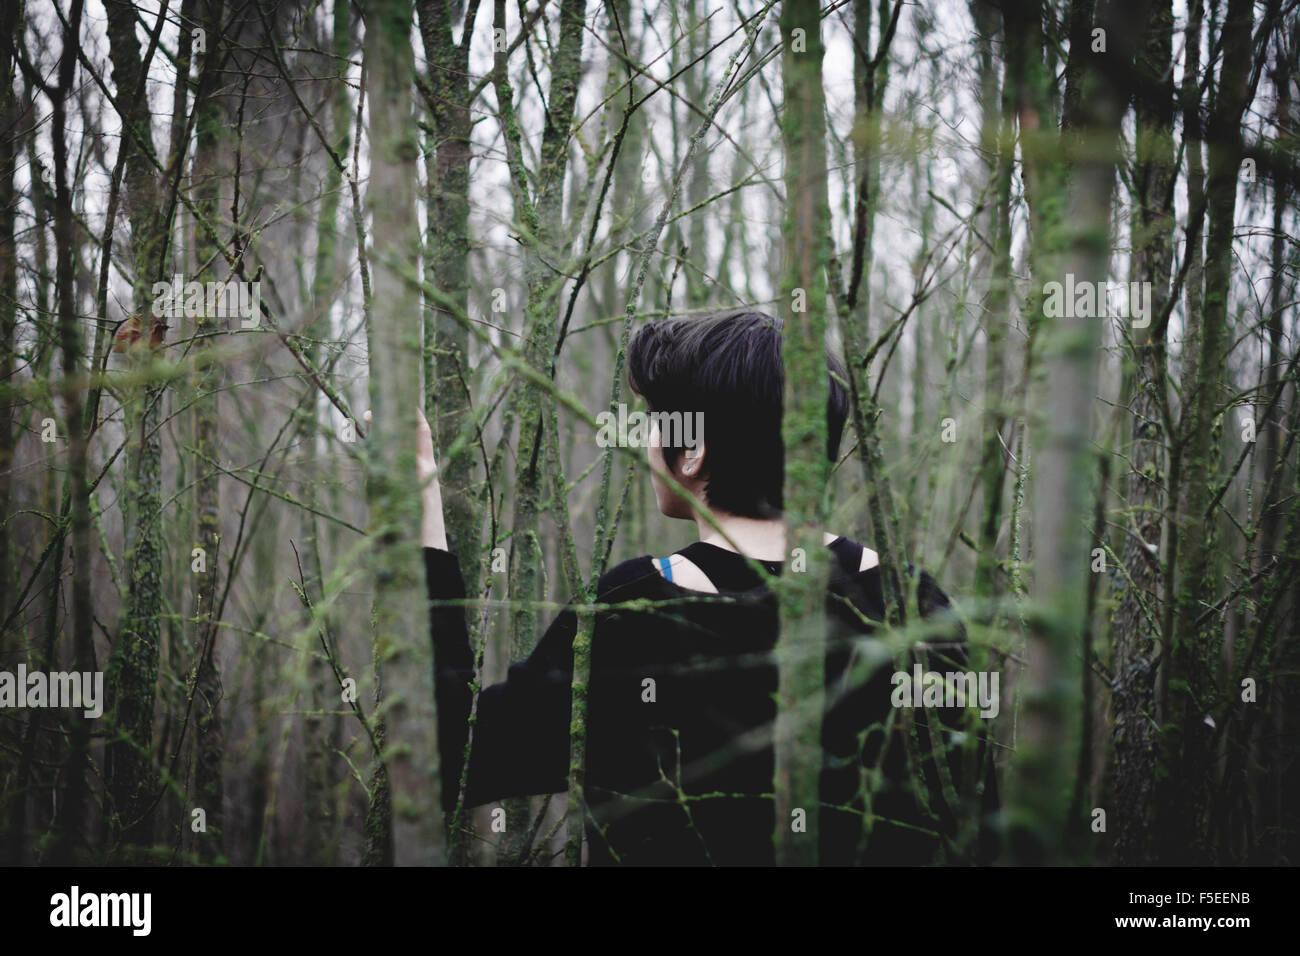 Rückansicht einer Frau im Wald verloren Stockbild